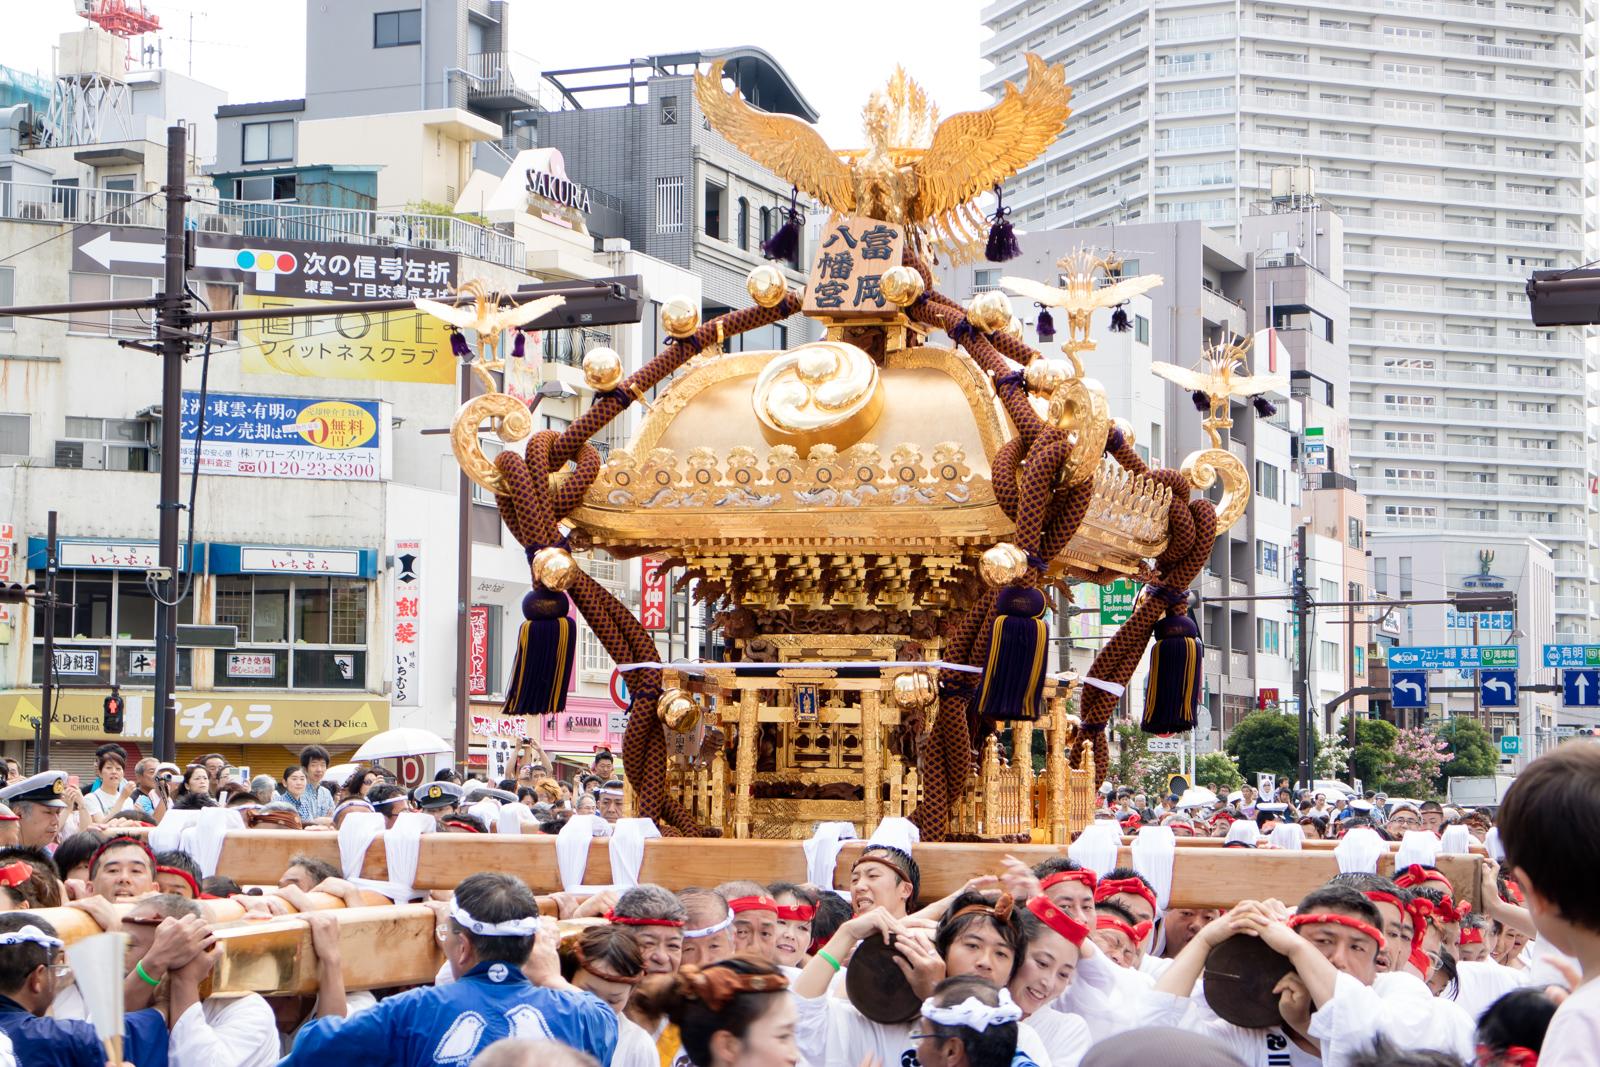 豊洲エリアの花火大会・夏祭り・盆踊りの情報まとめ2017 【※随時情報募集】